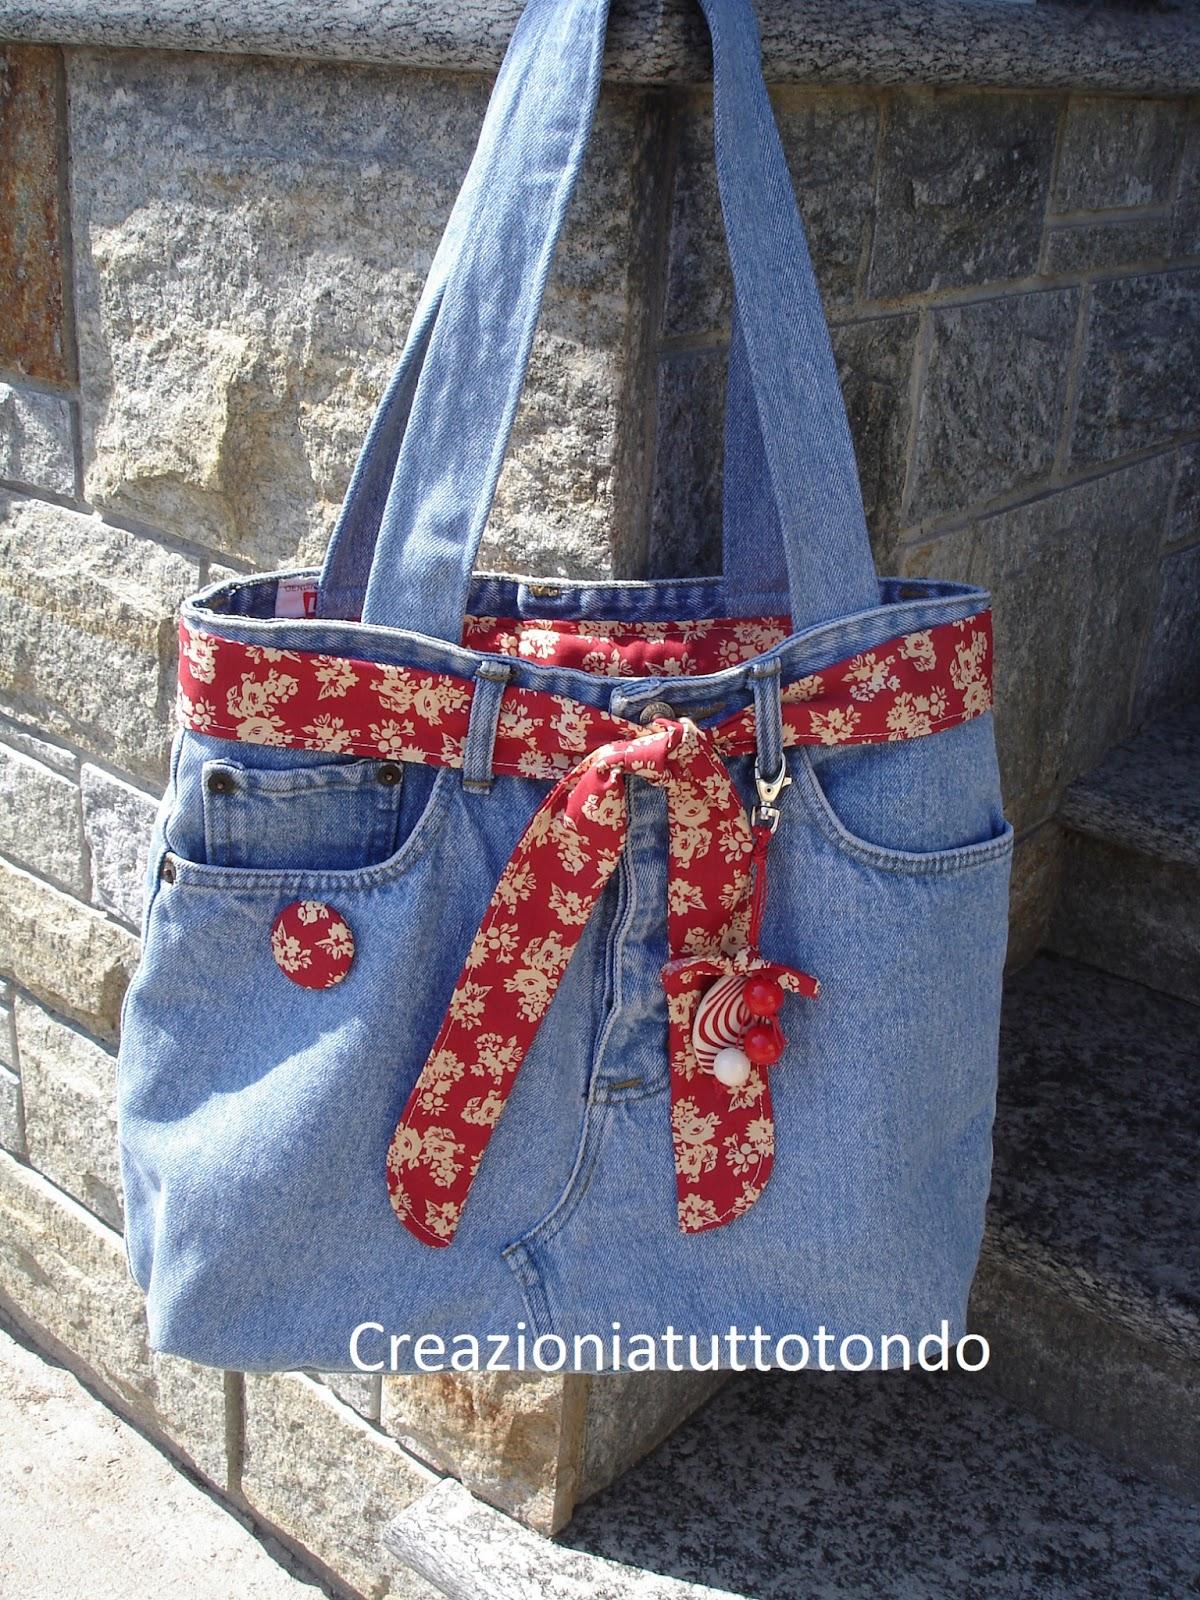 Creazioni a tutto tondo borsa di jeans for Borse fai da te jeans